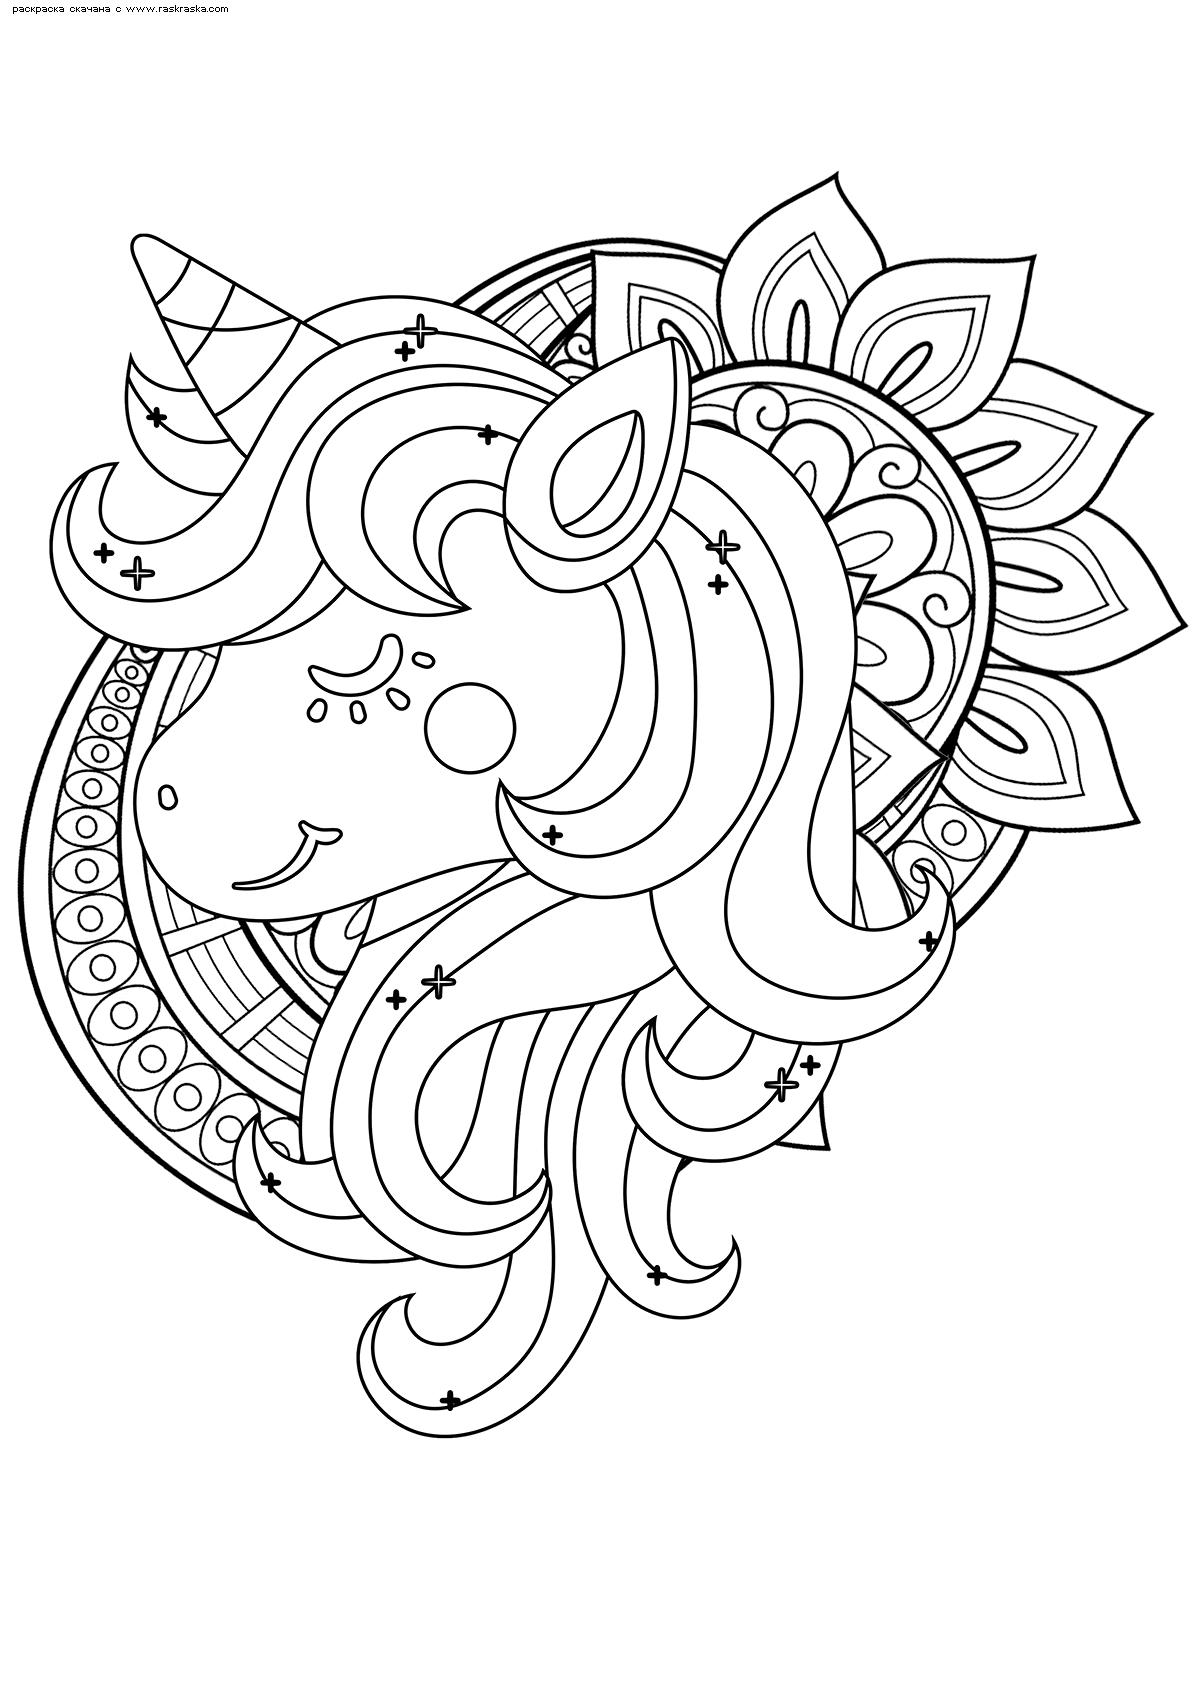 Раскраска Единорог | Раскраски антистресс Единороги ...